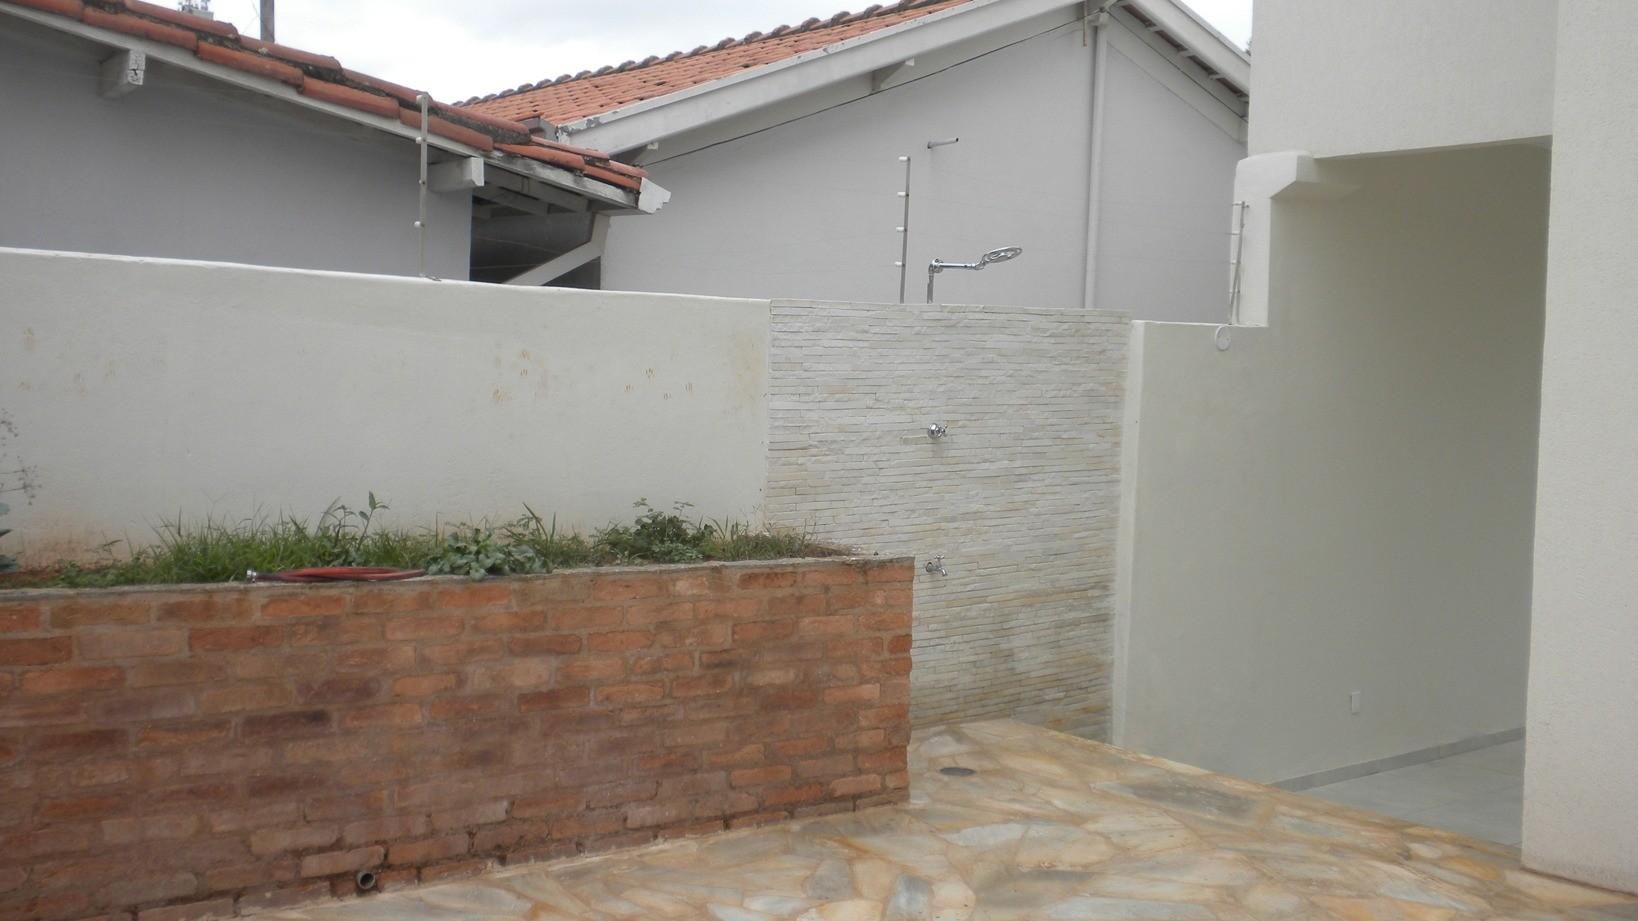 Sobrado de 3 dormitórios em Chapadao, Campinas - SP